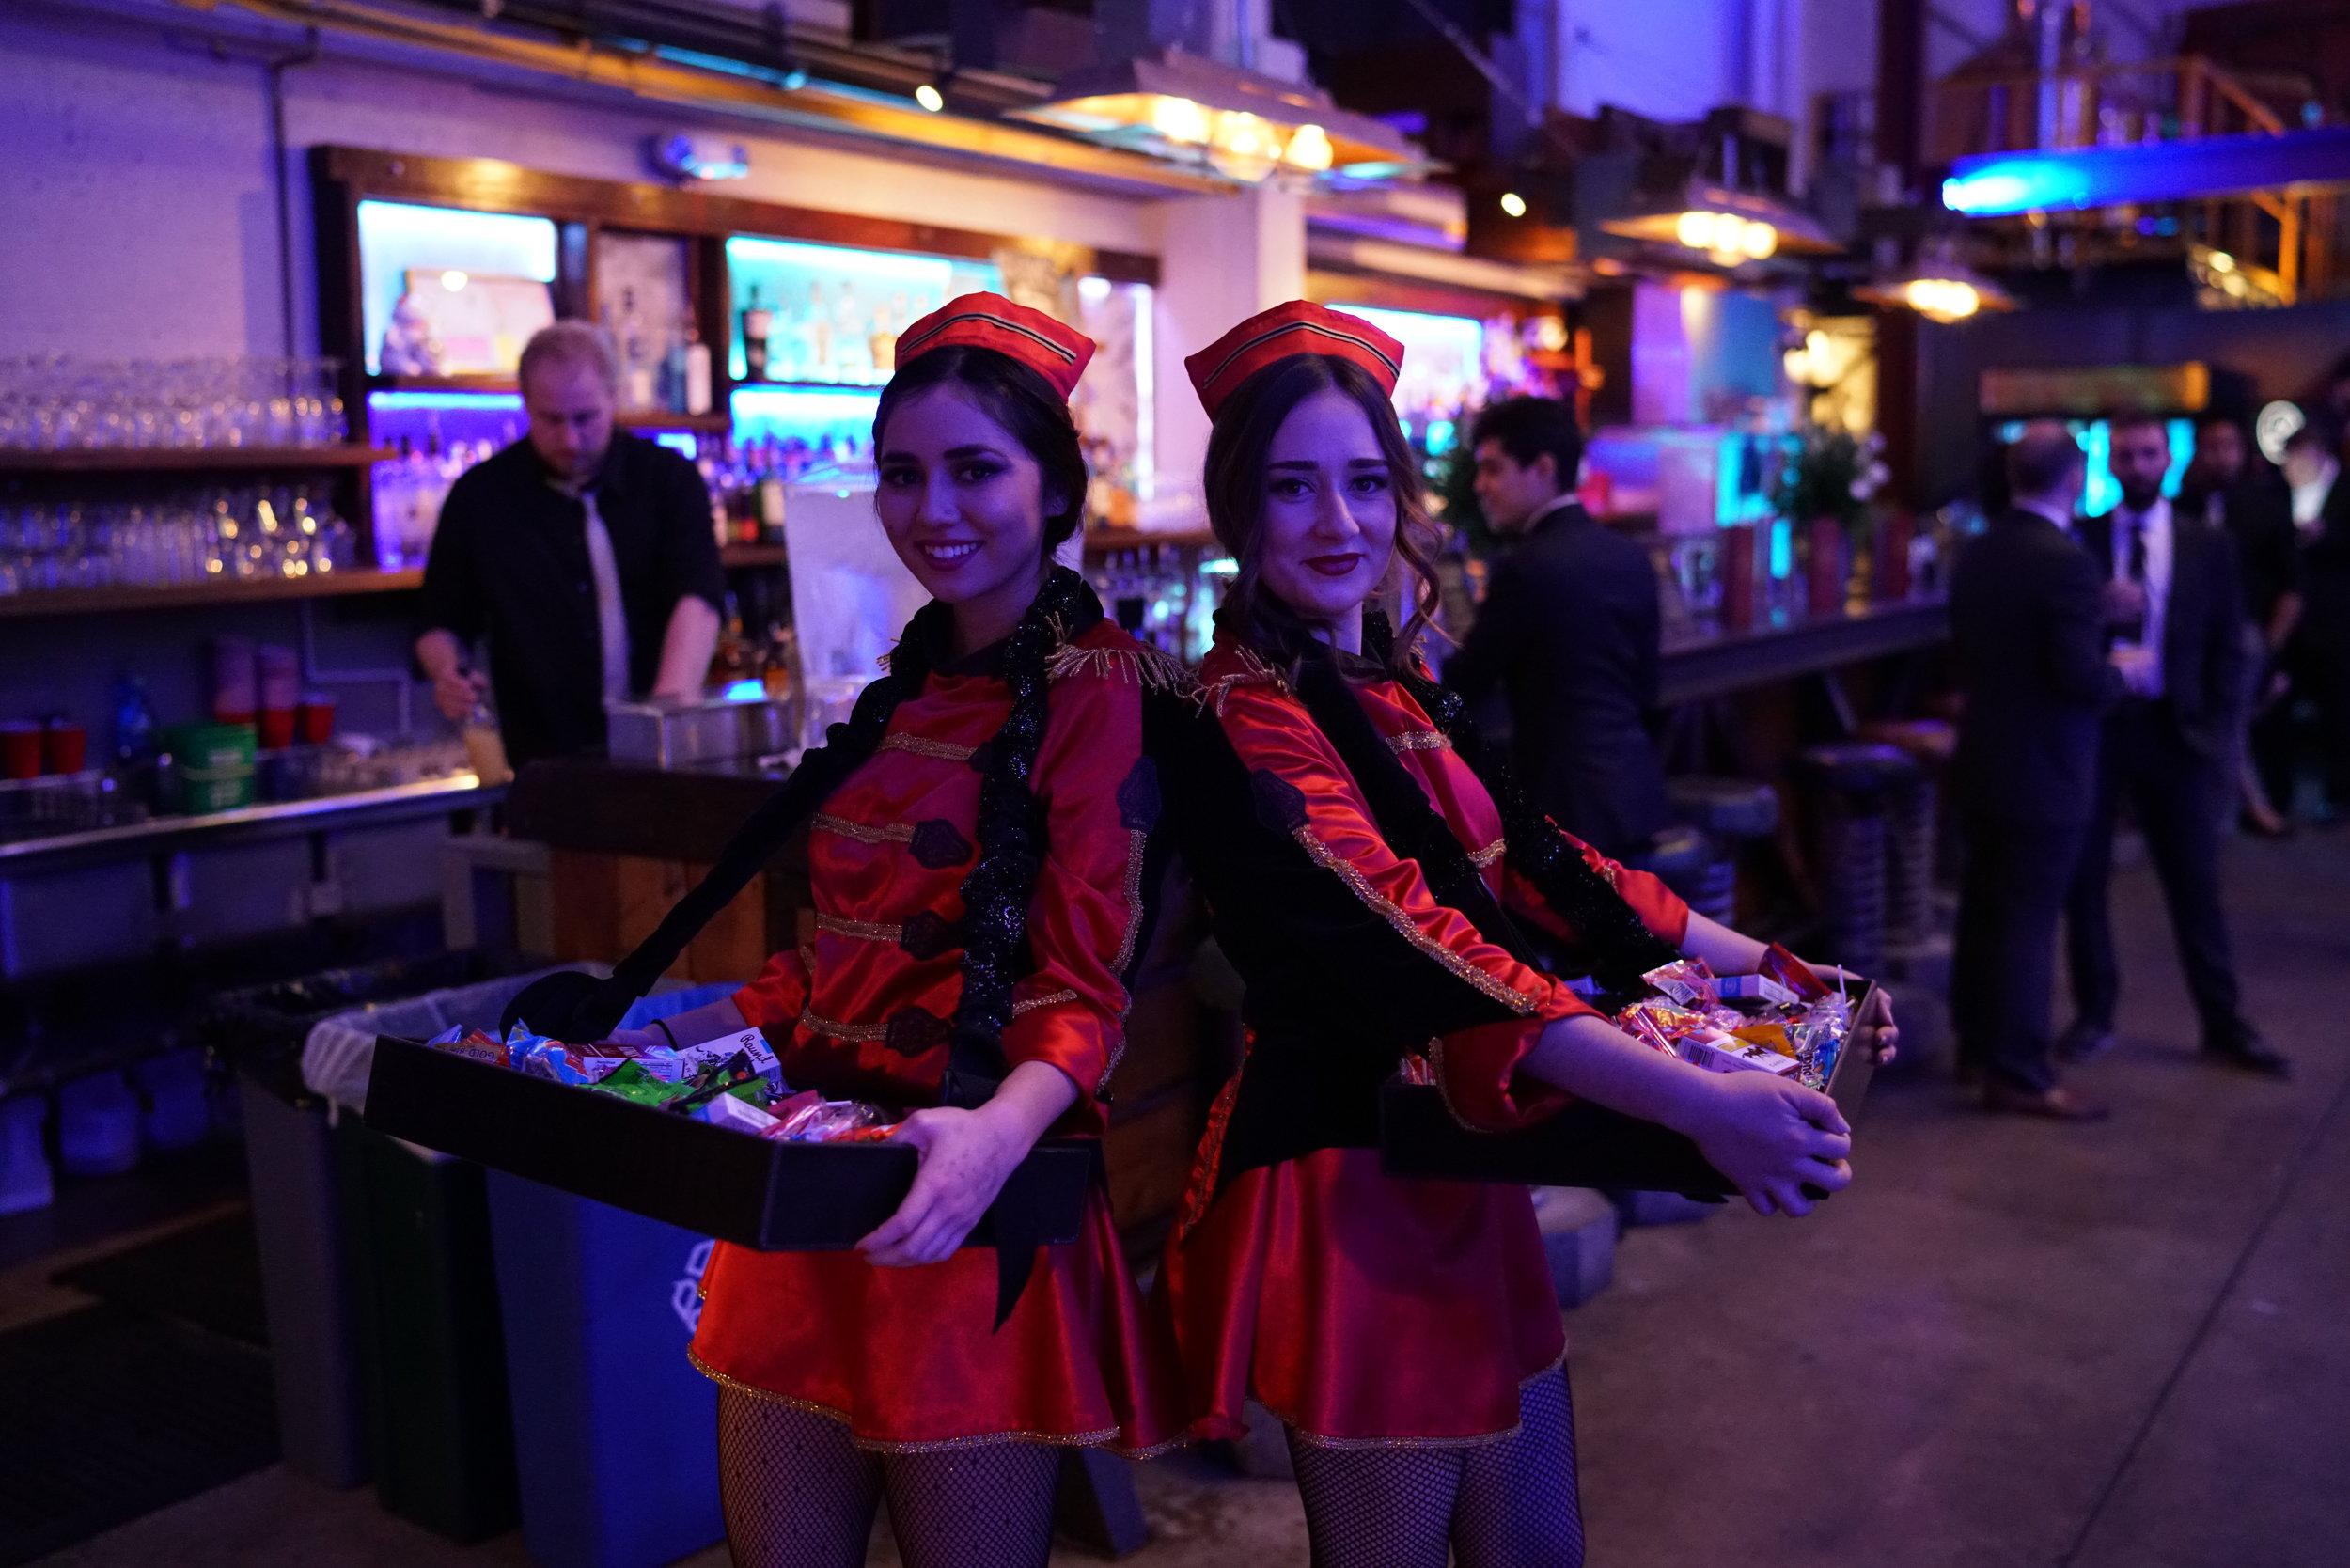 waiter chicks in red.jpg